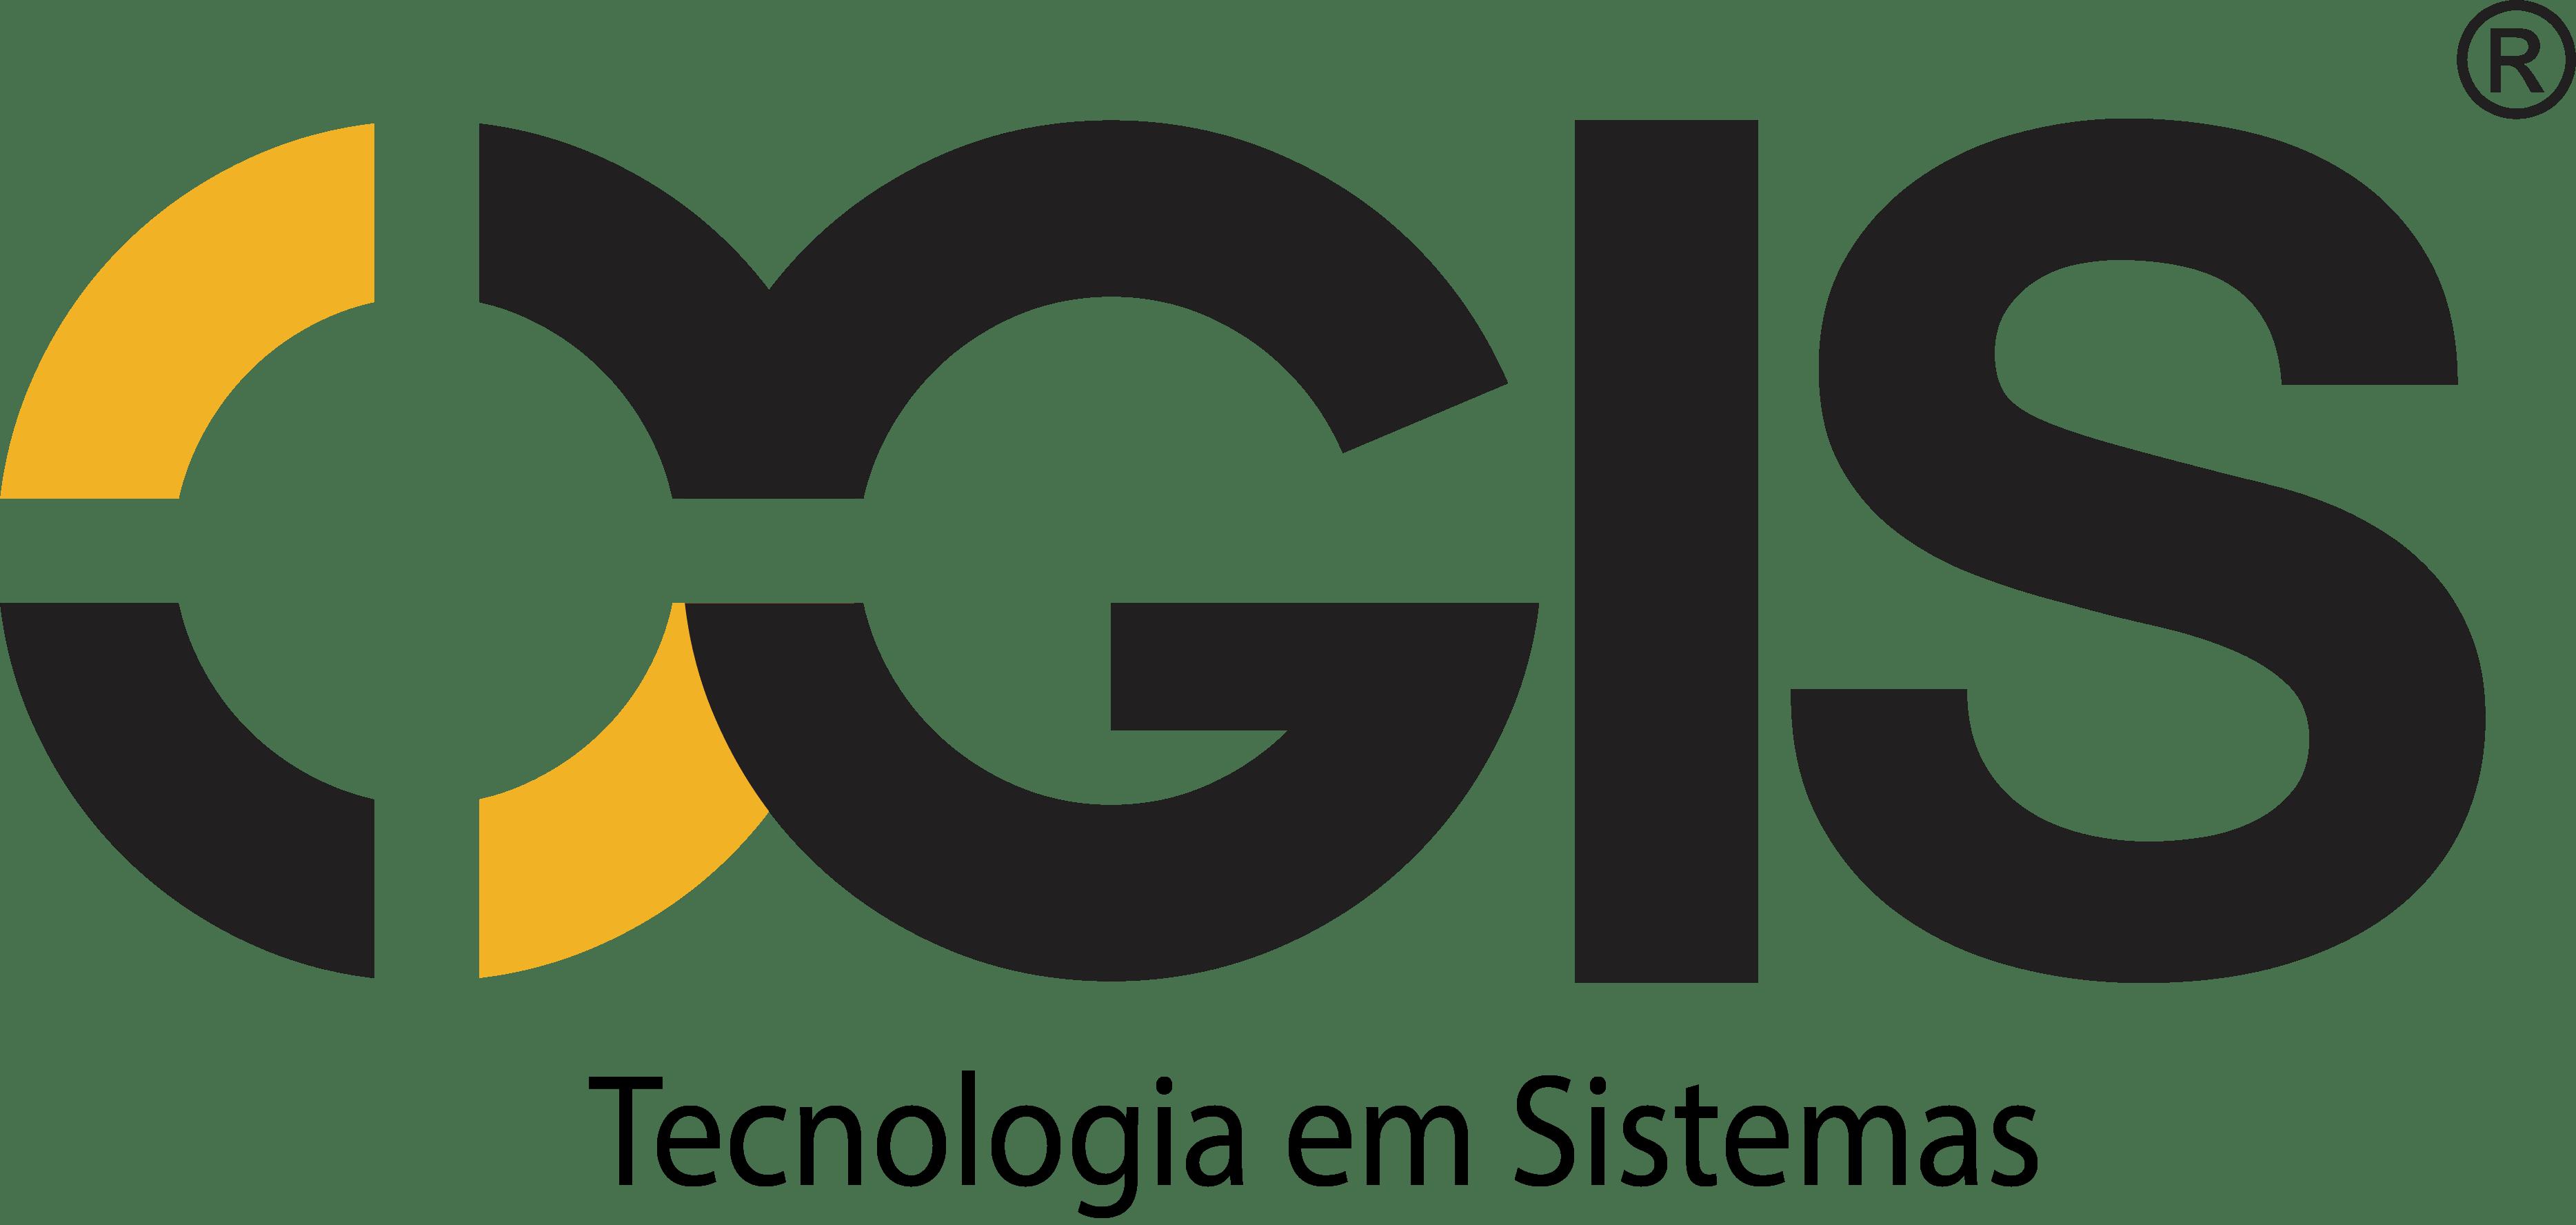 TECNOLOGIA EM SISTEMAS - OGIS